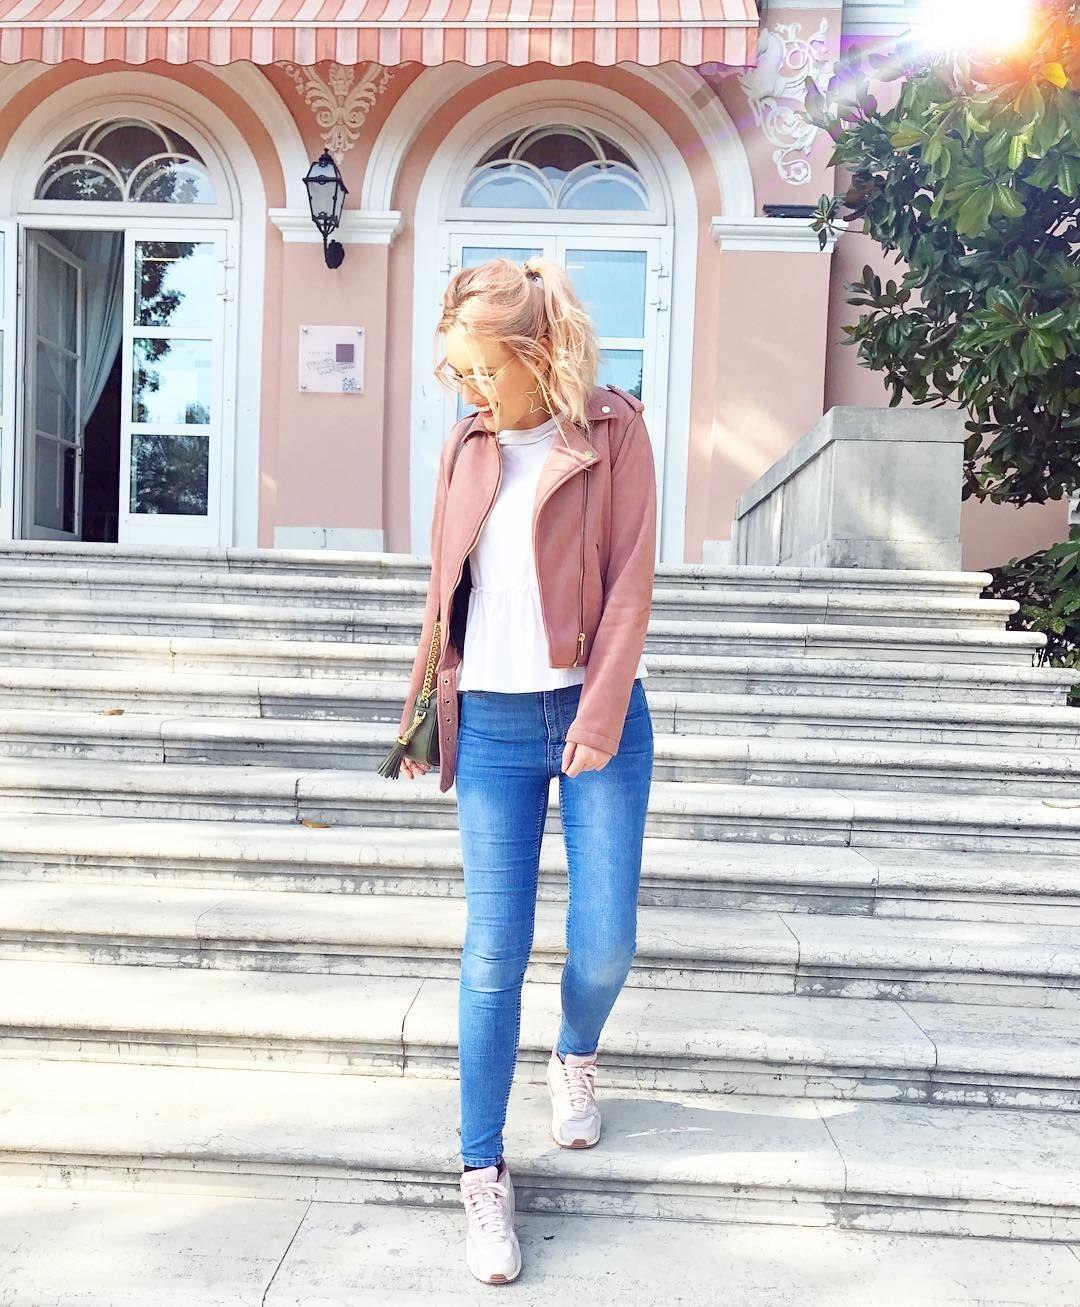 Viktoria Viktoriasarina On Instagram Welchen Emoji Verwendet Ihr Am Oftesten Ich Vermutlich Diesen Asthetische Kleidung Victoria Und Sarina Outfit